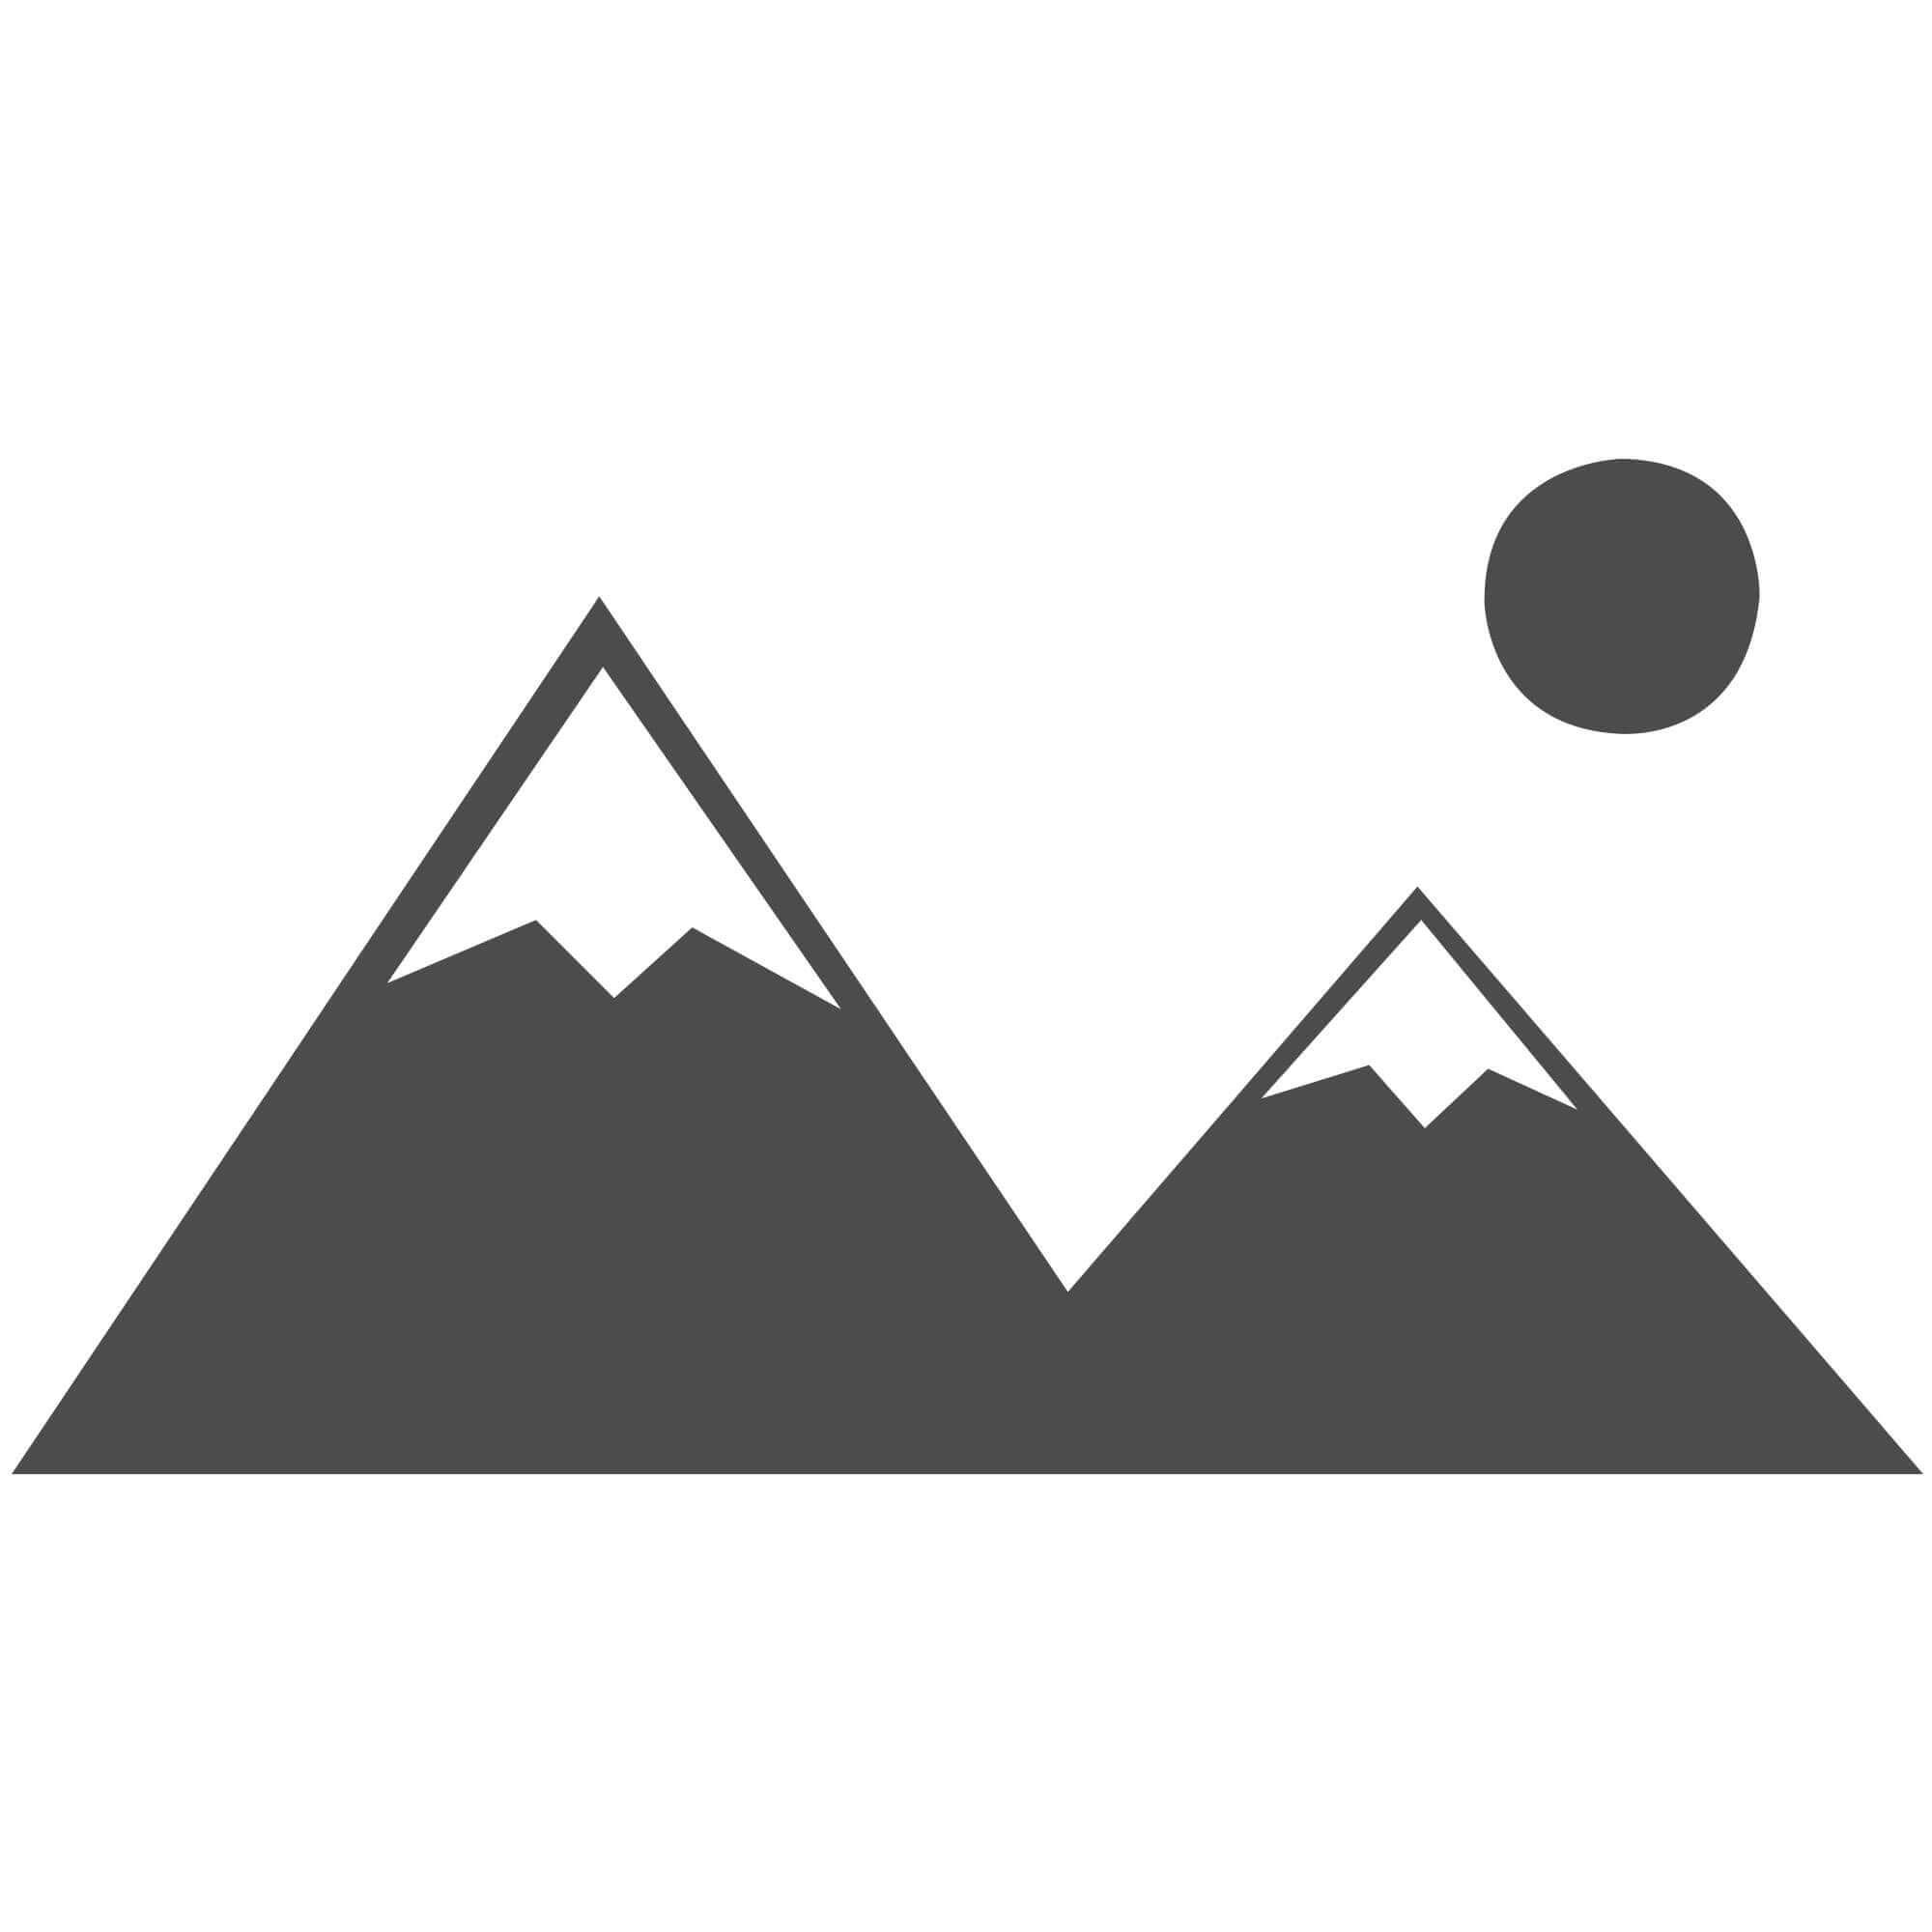 """Kashqai Afghan Turkmen Design Rug - 4346/300 - Size 160 x 240 cm (5'3"""" x 8')"""